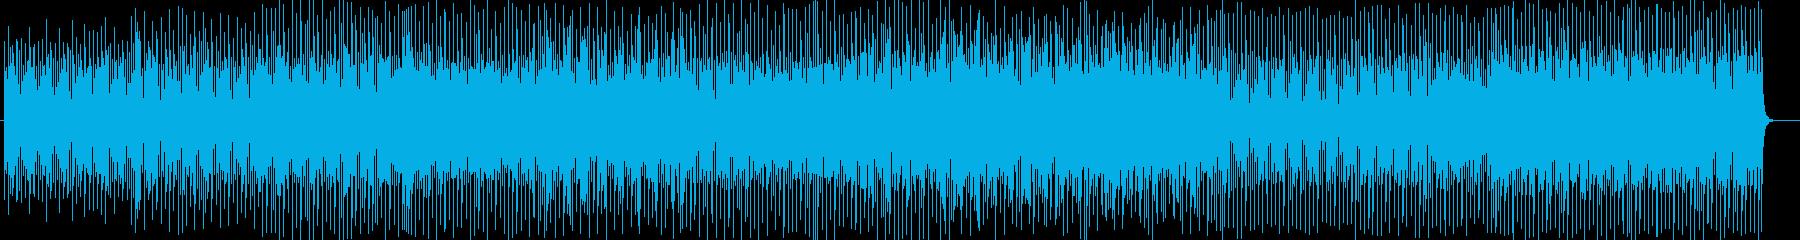 チャイナ風シンセサイザーなどの曲の再生済みの波形